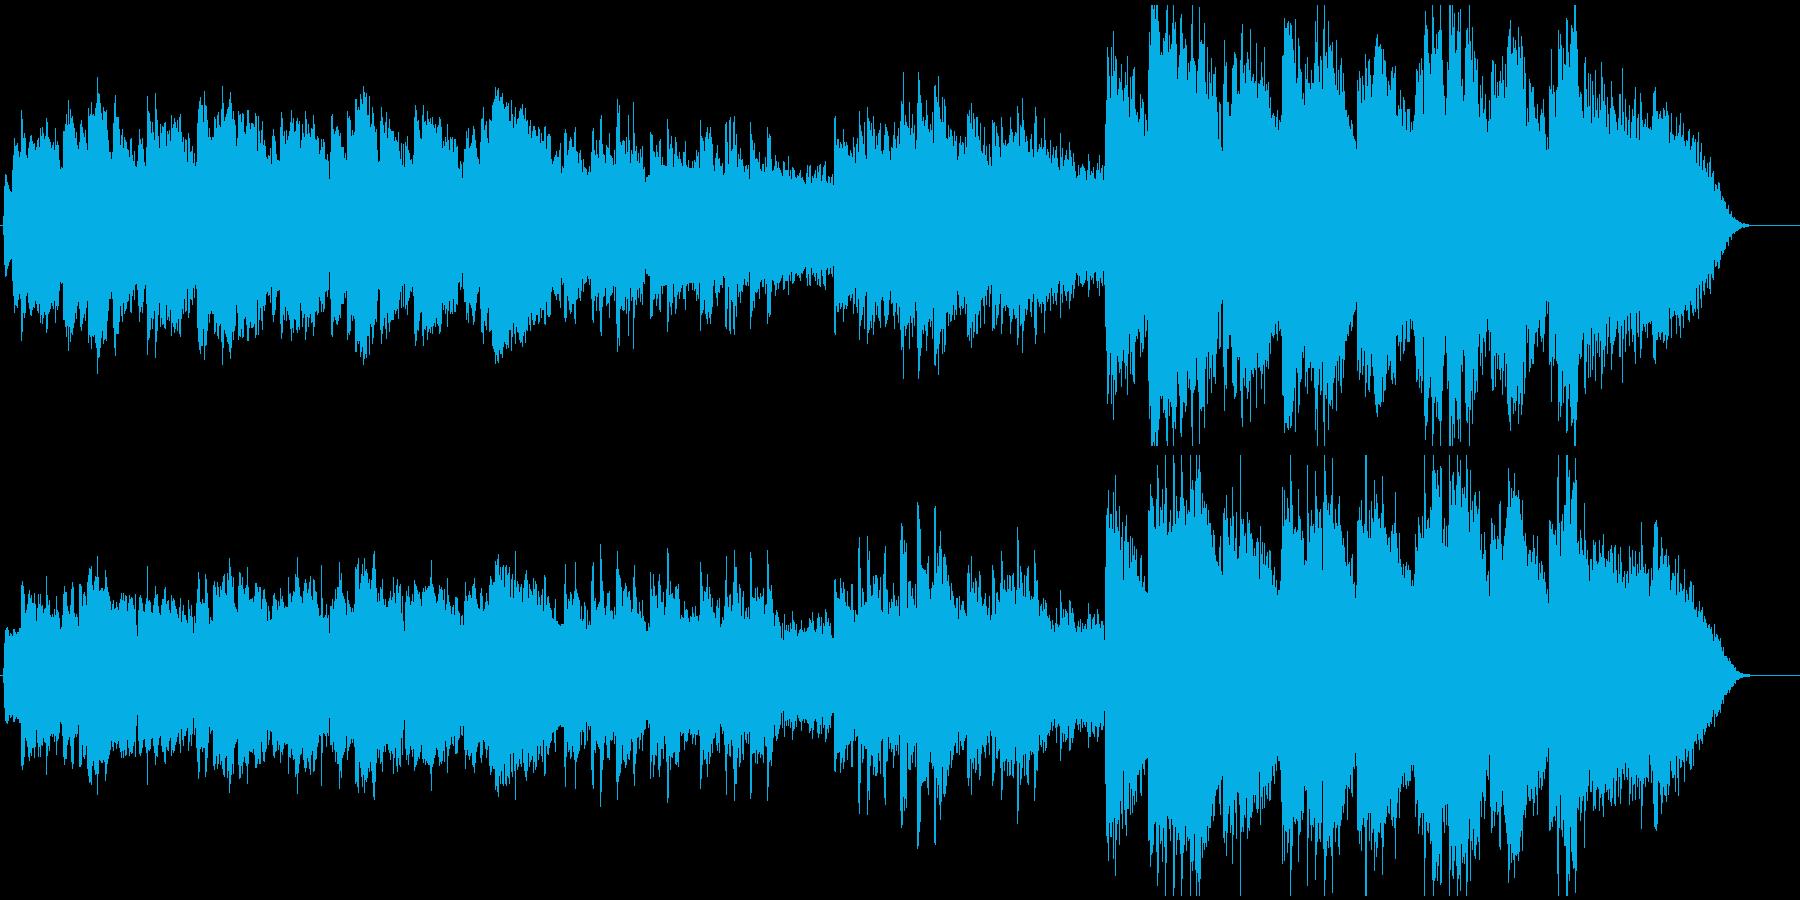 ノスタルジックで感動的なBGMの再生済みの波形